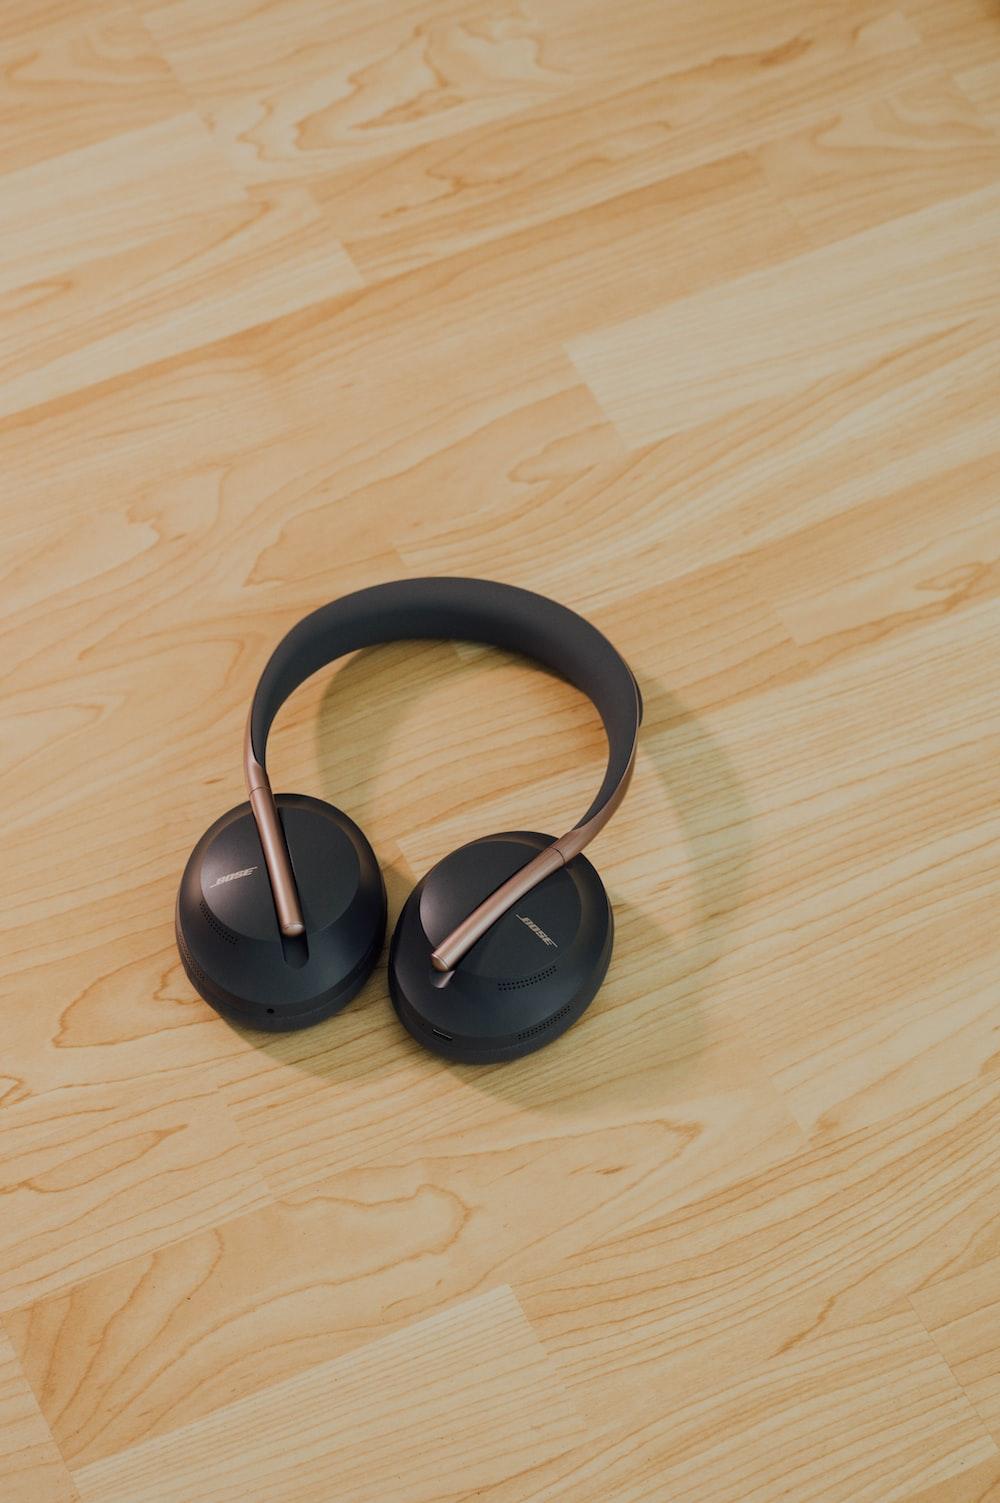 black wireless headphones on brown wooden floor